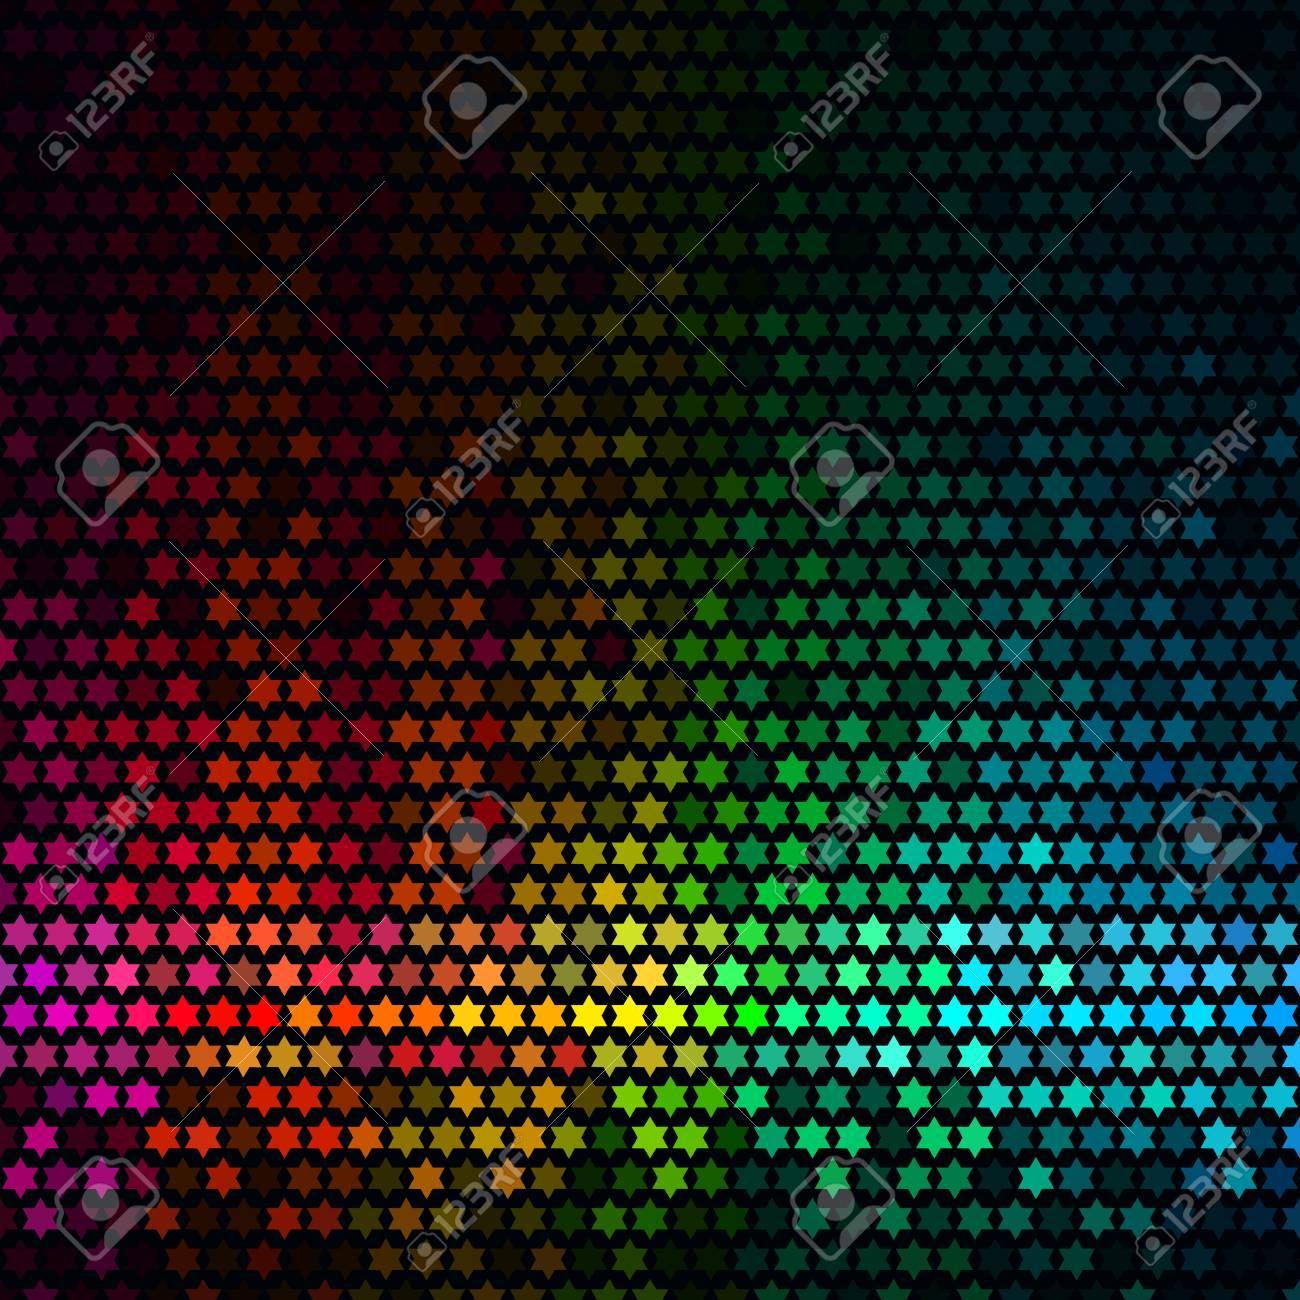 Fond De Disco De Lumières Abstraites Vecteur De Mosaïque De Pixel étoile Multicolore